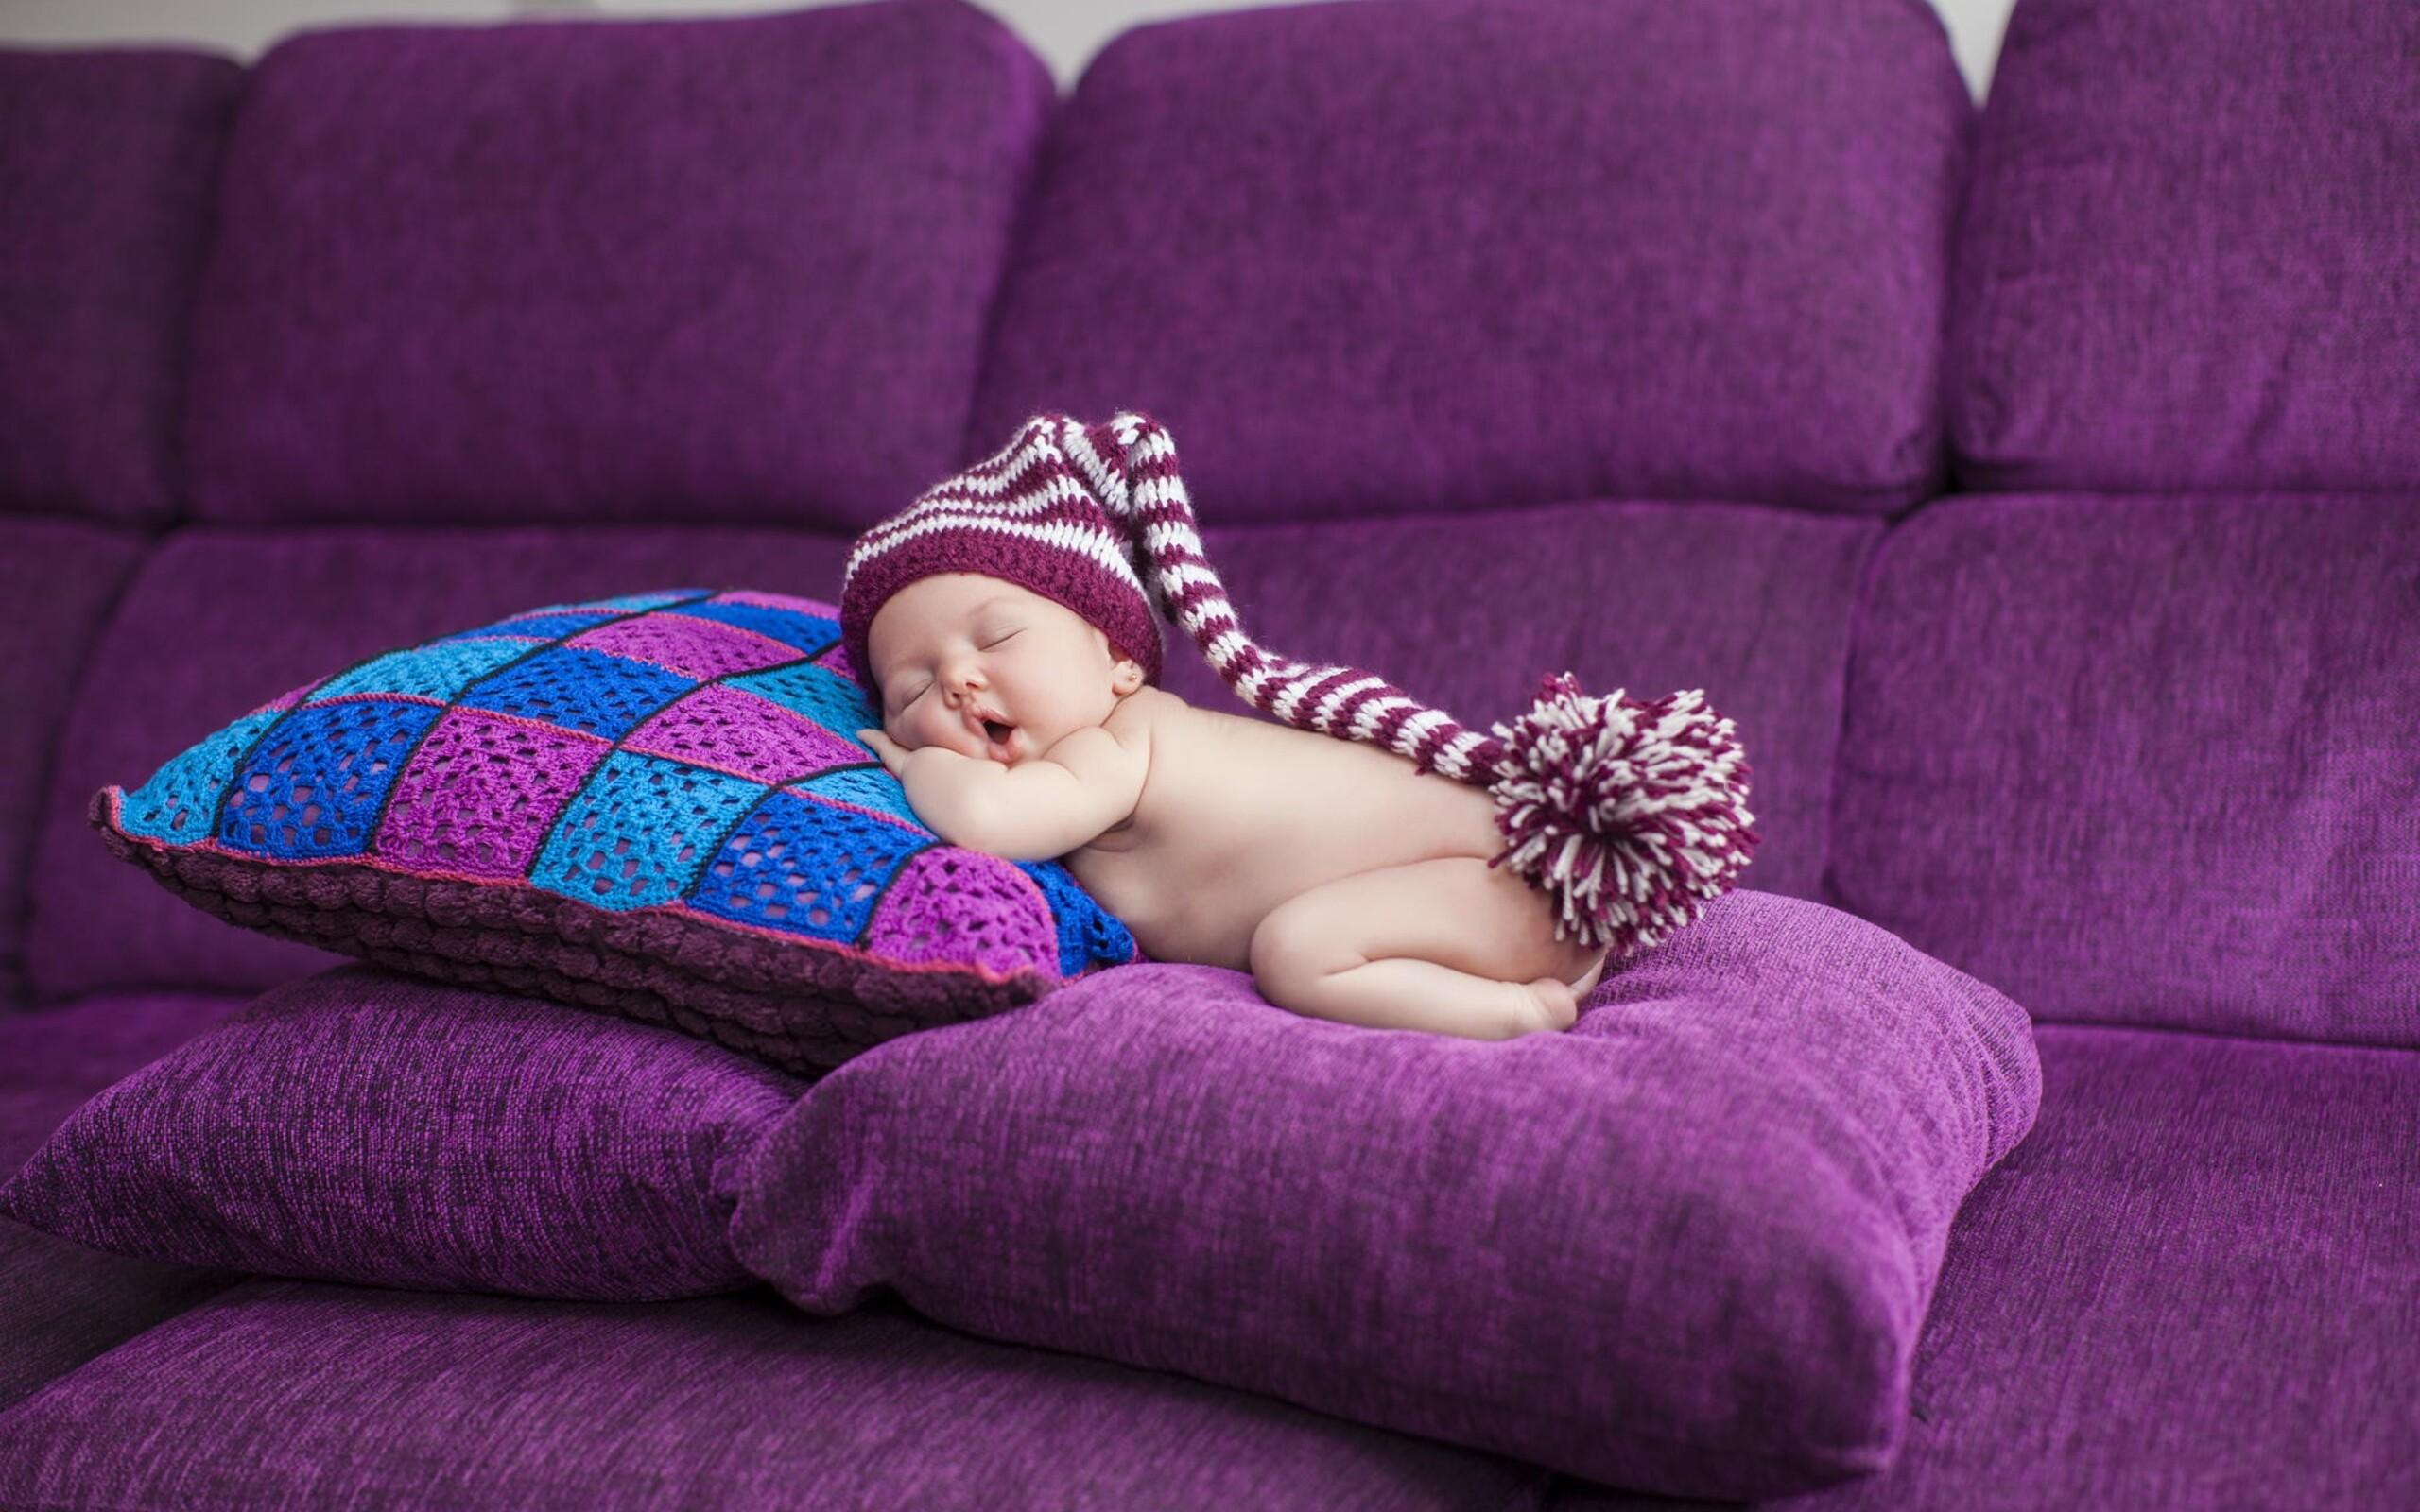 cute-sleeping-baby-on.jpg